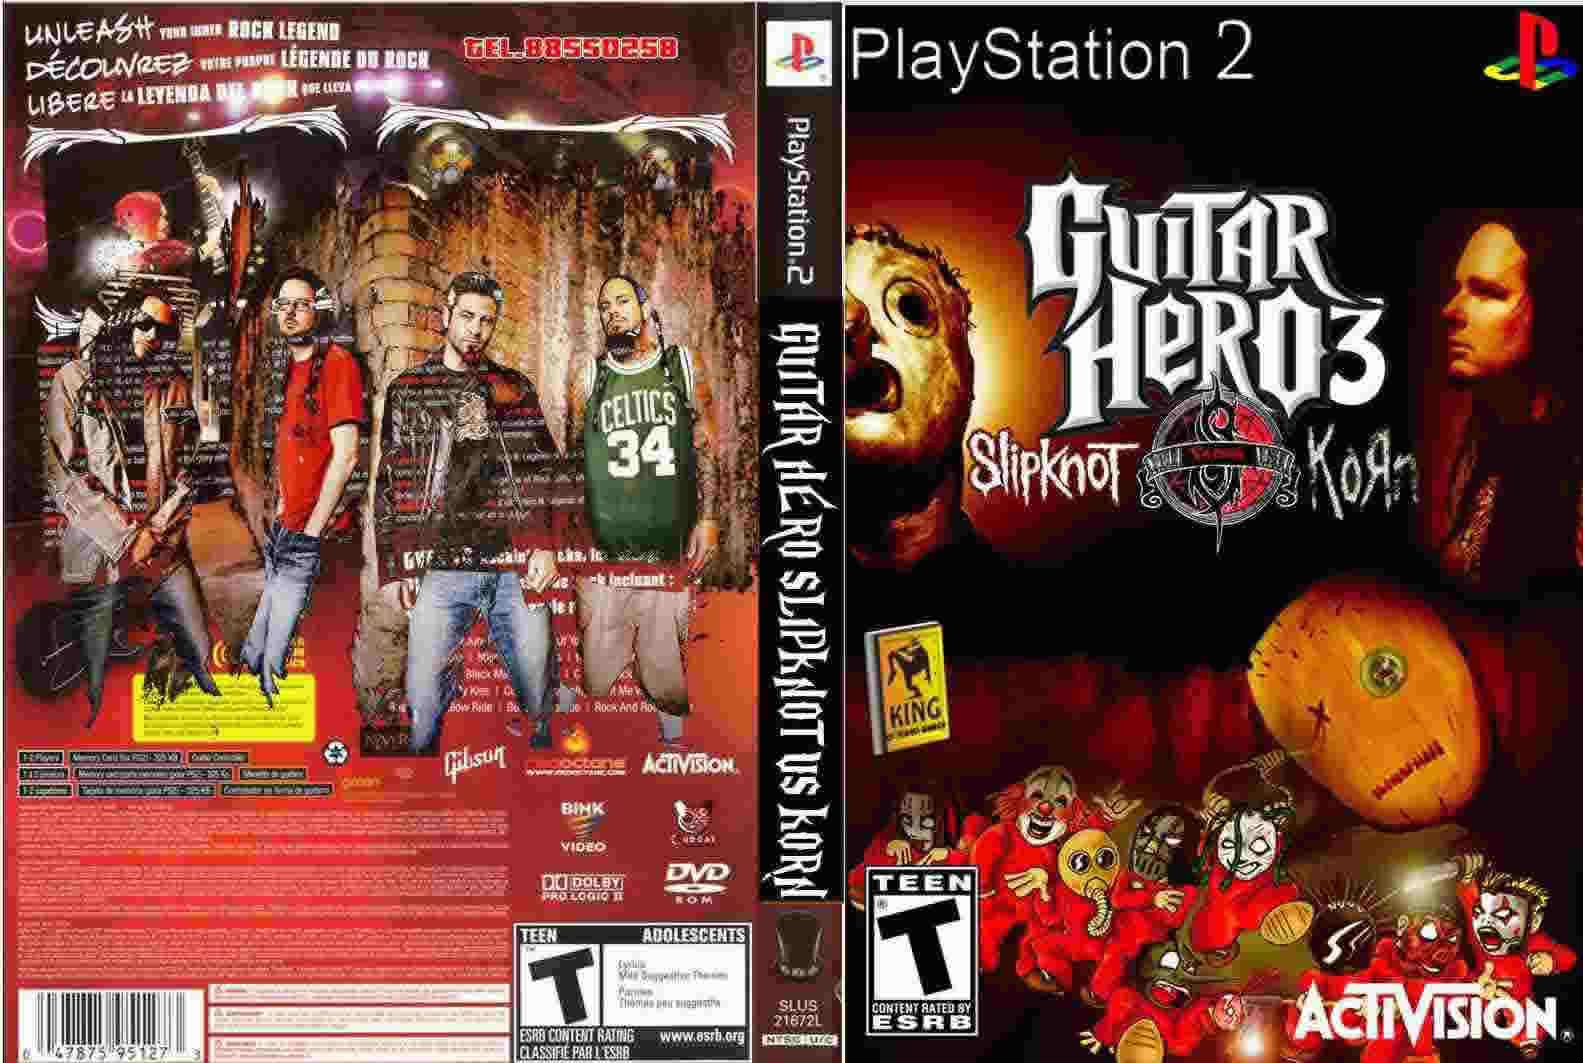 descargar guitar hero 2 ps2 iso mega